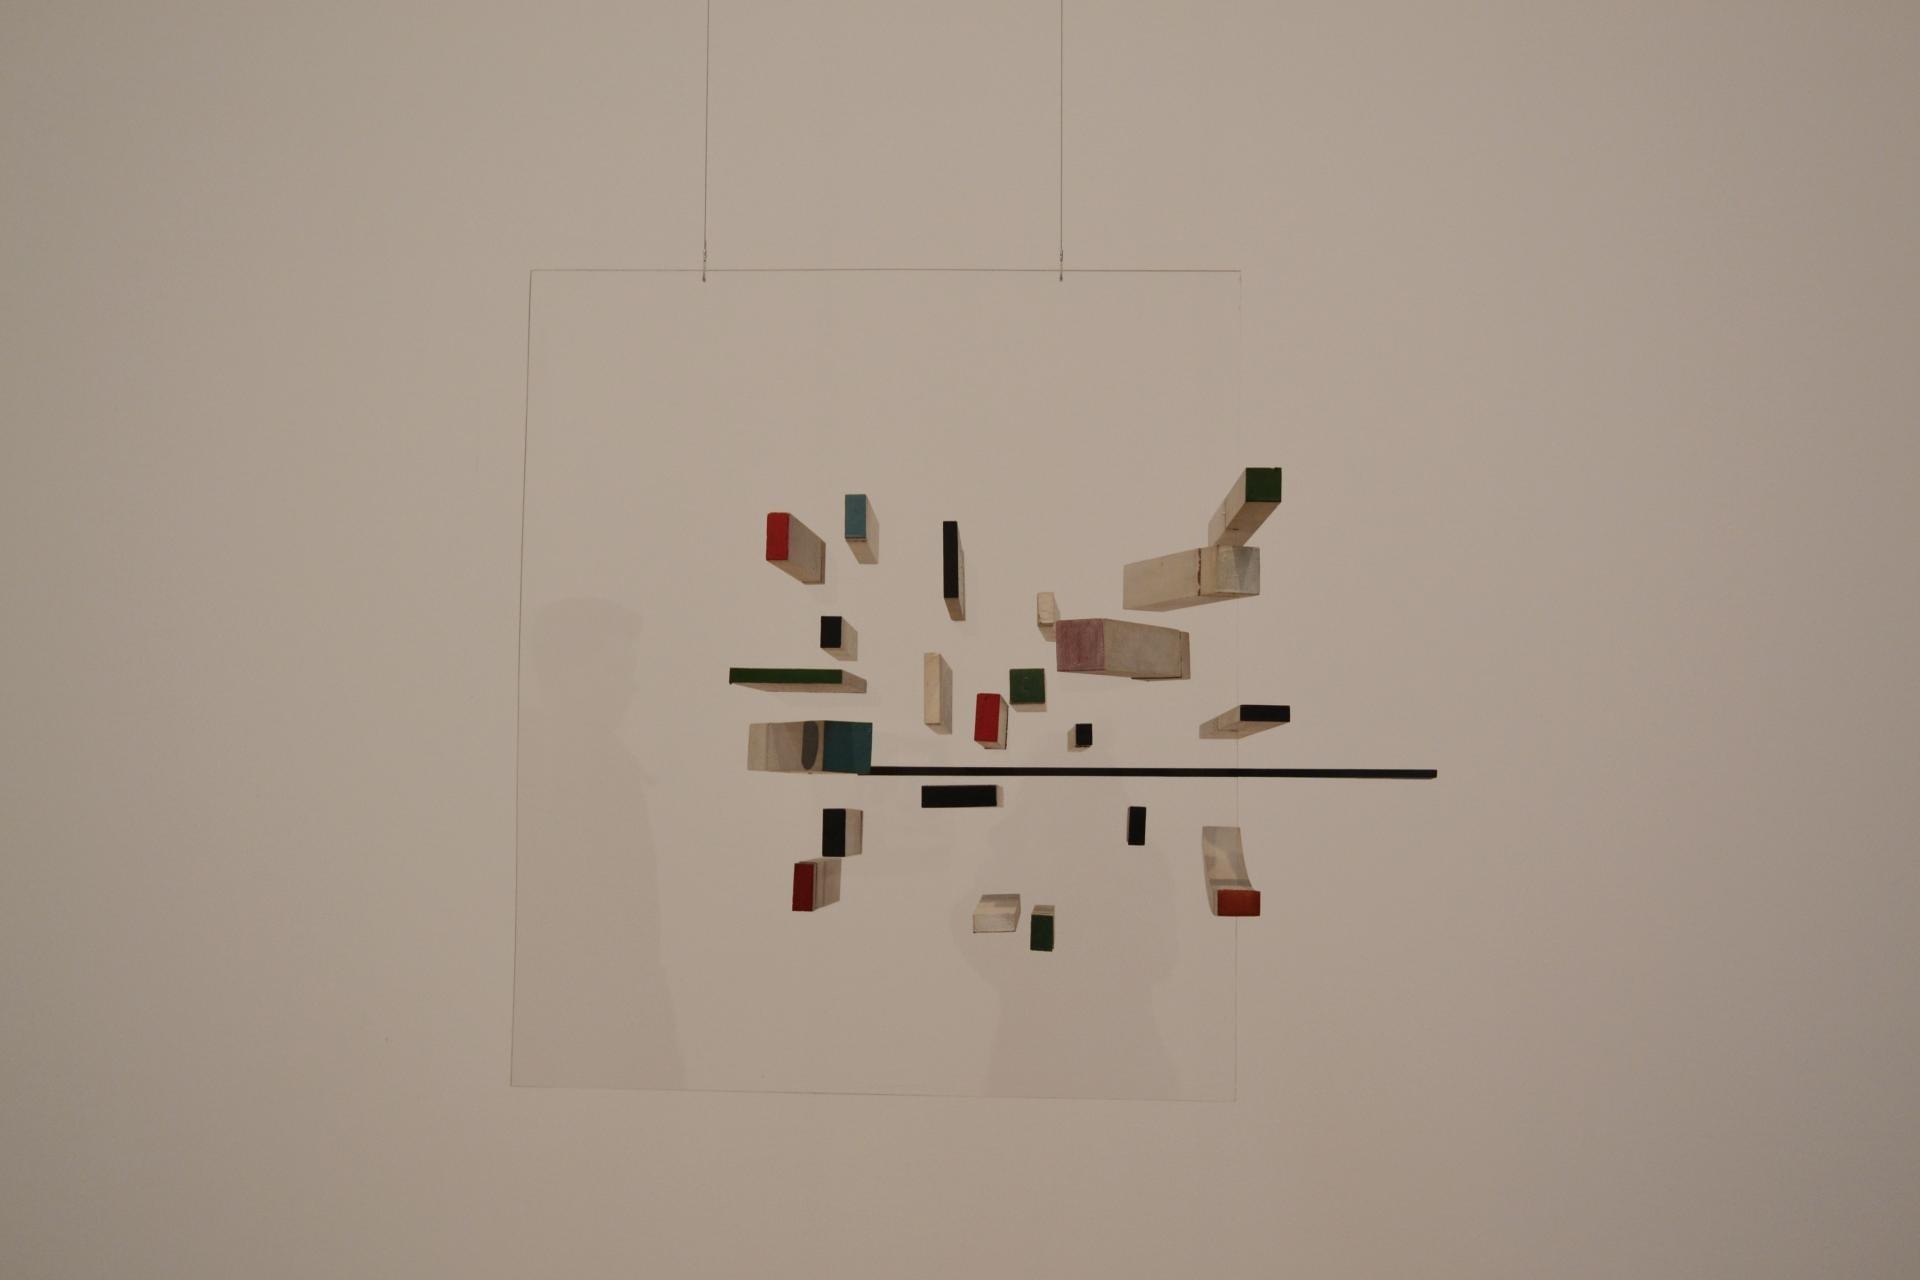 Arte en el Tate Modern de Londres